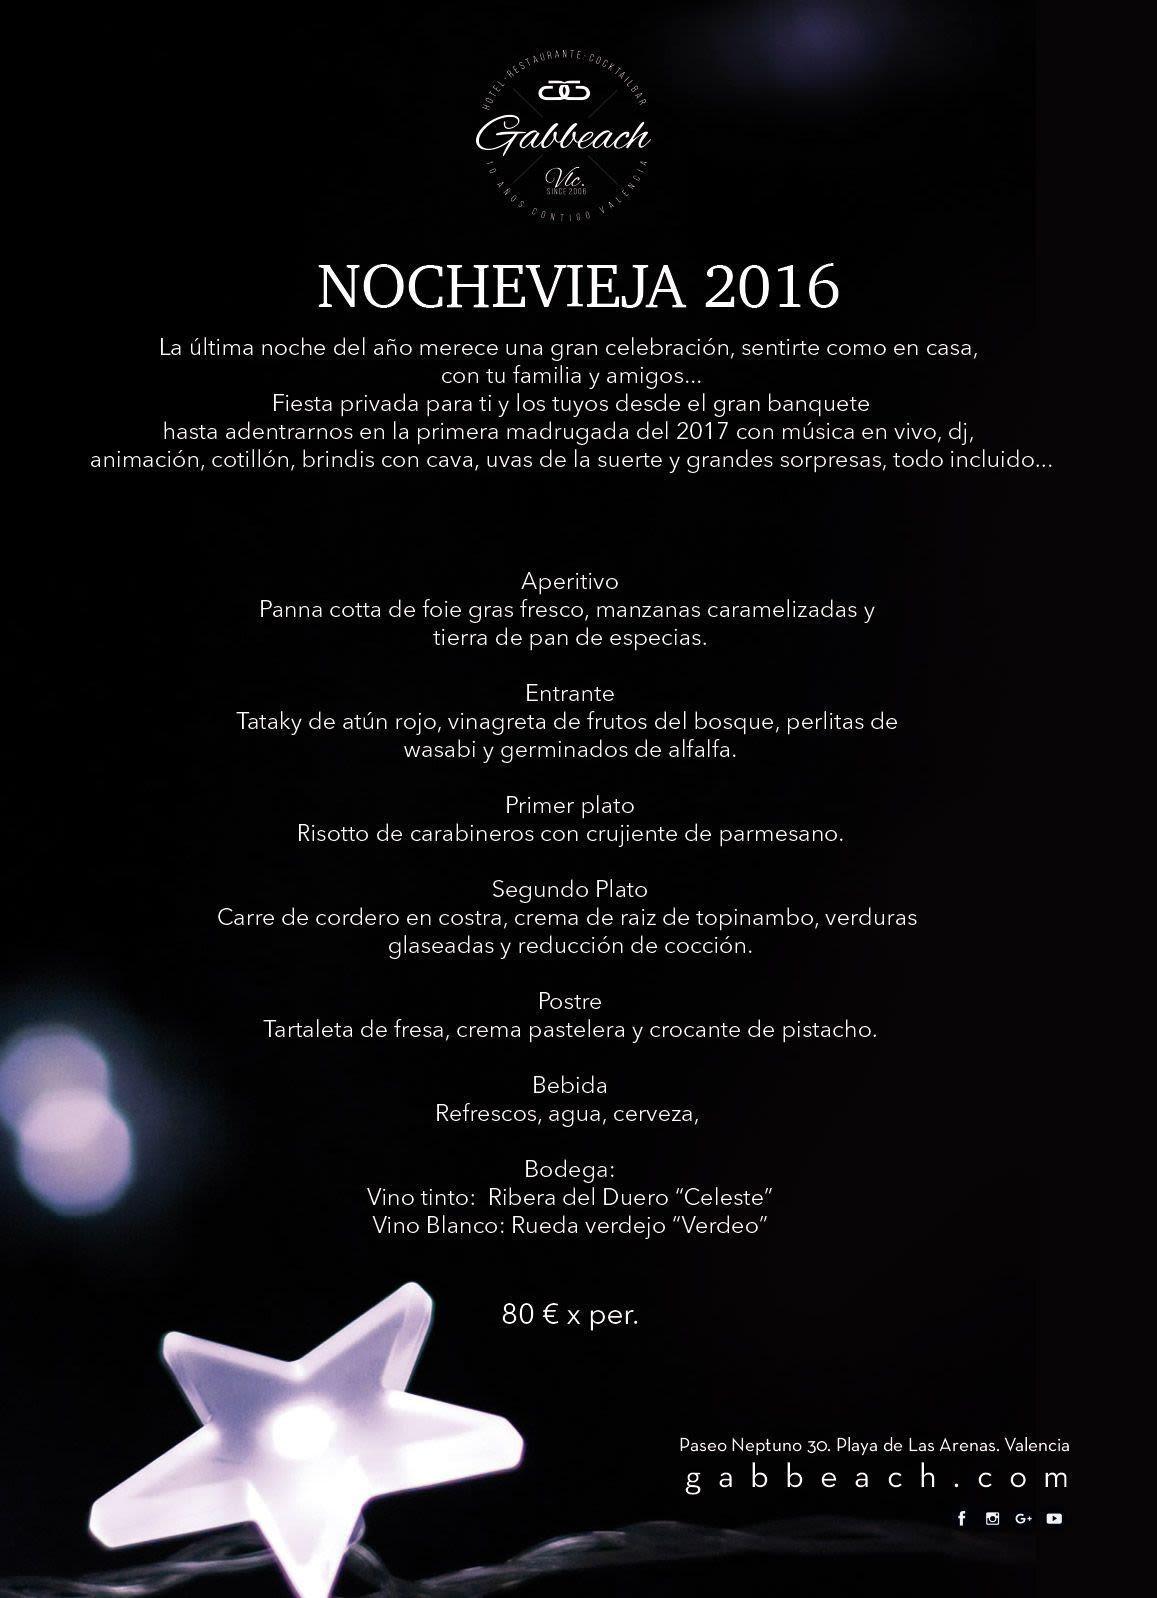 mejor-nochevieja-en-valencia-menu-de-nochevieja-en-valencia-fiesta-de-nochevieja-en-valencia-mejores-restaurantes-en-valencia-cena-y-espectaculos-en-valencia-gabbeach